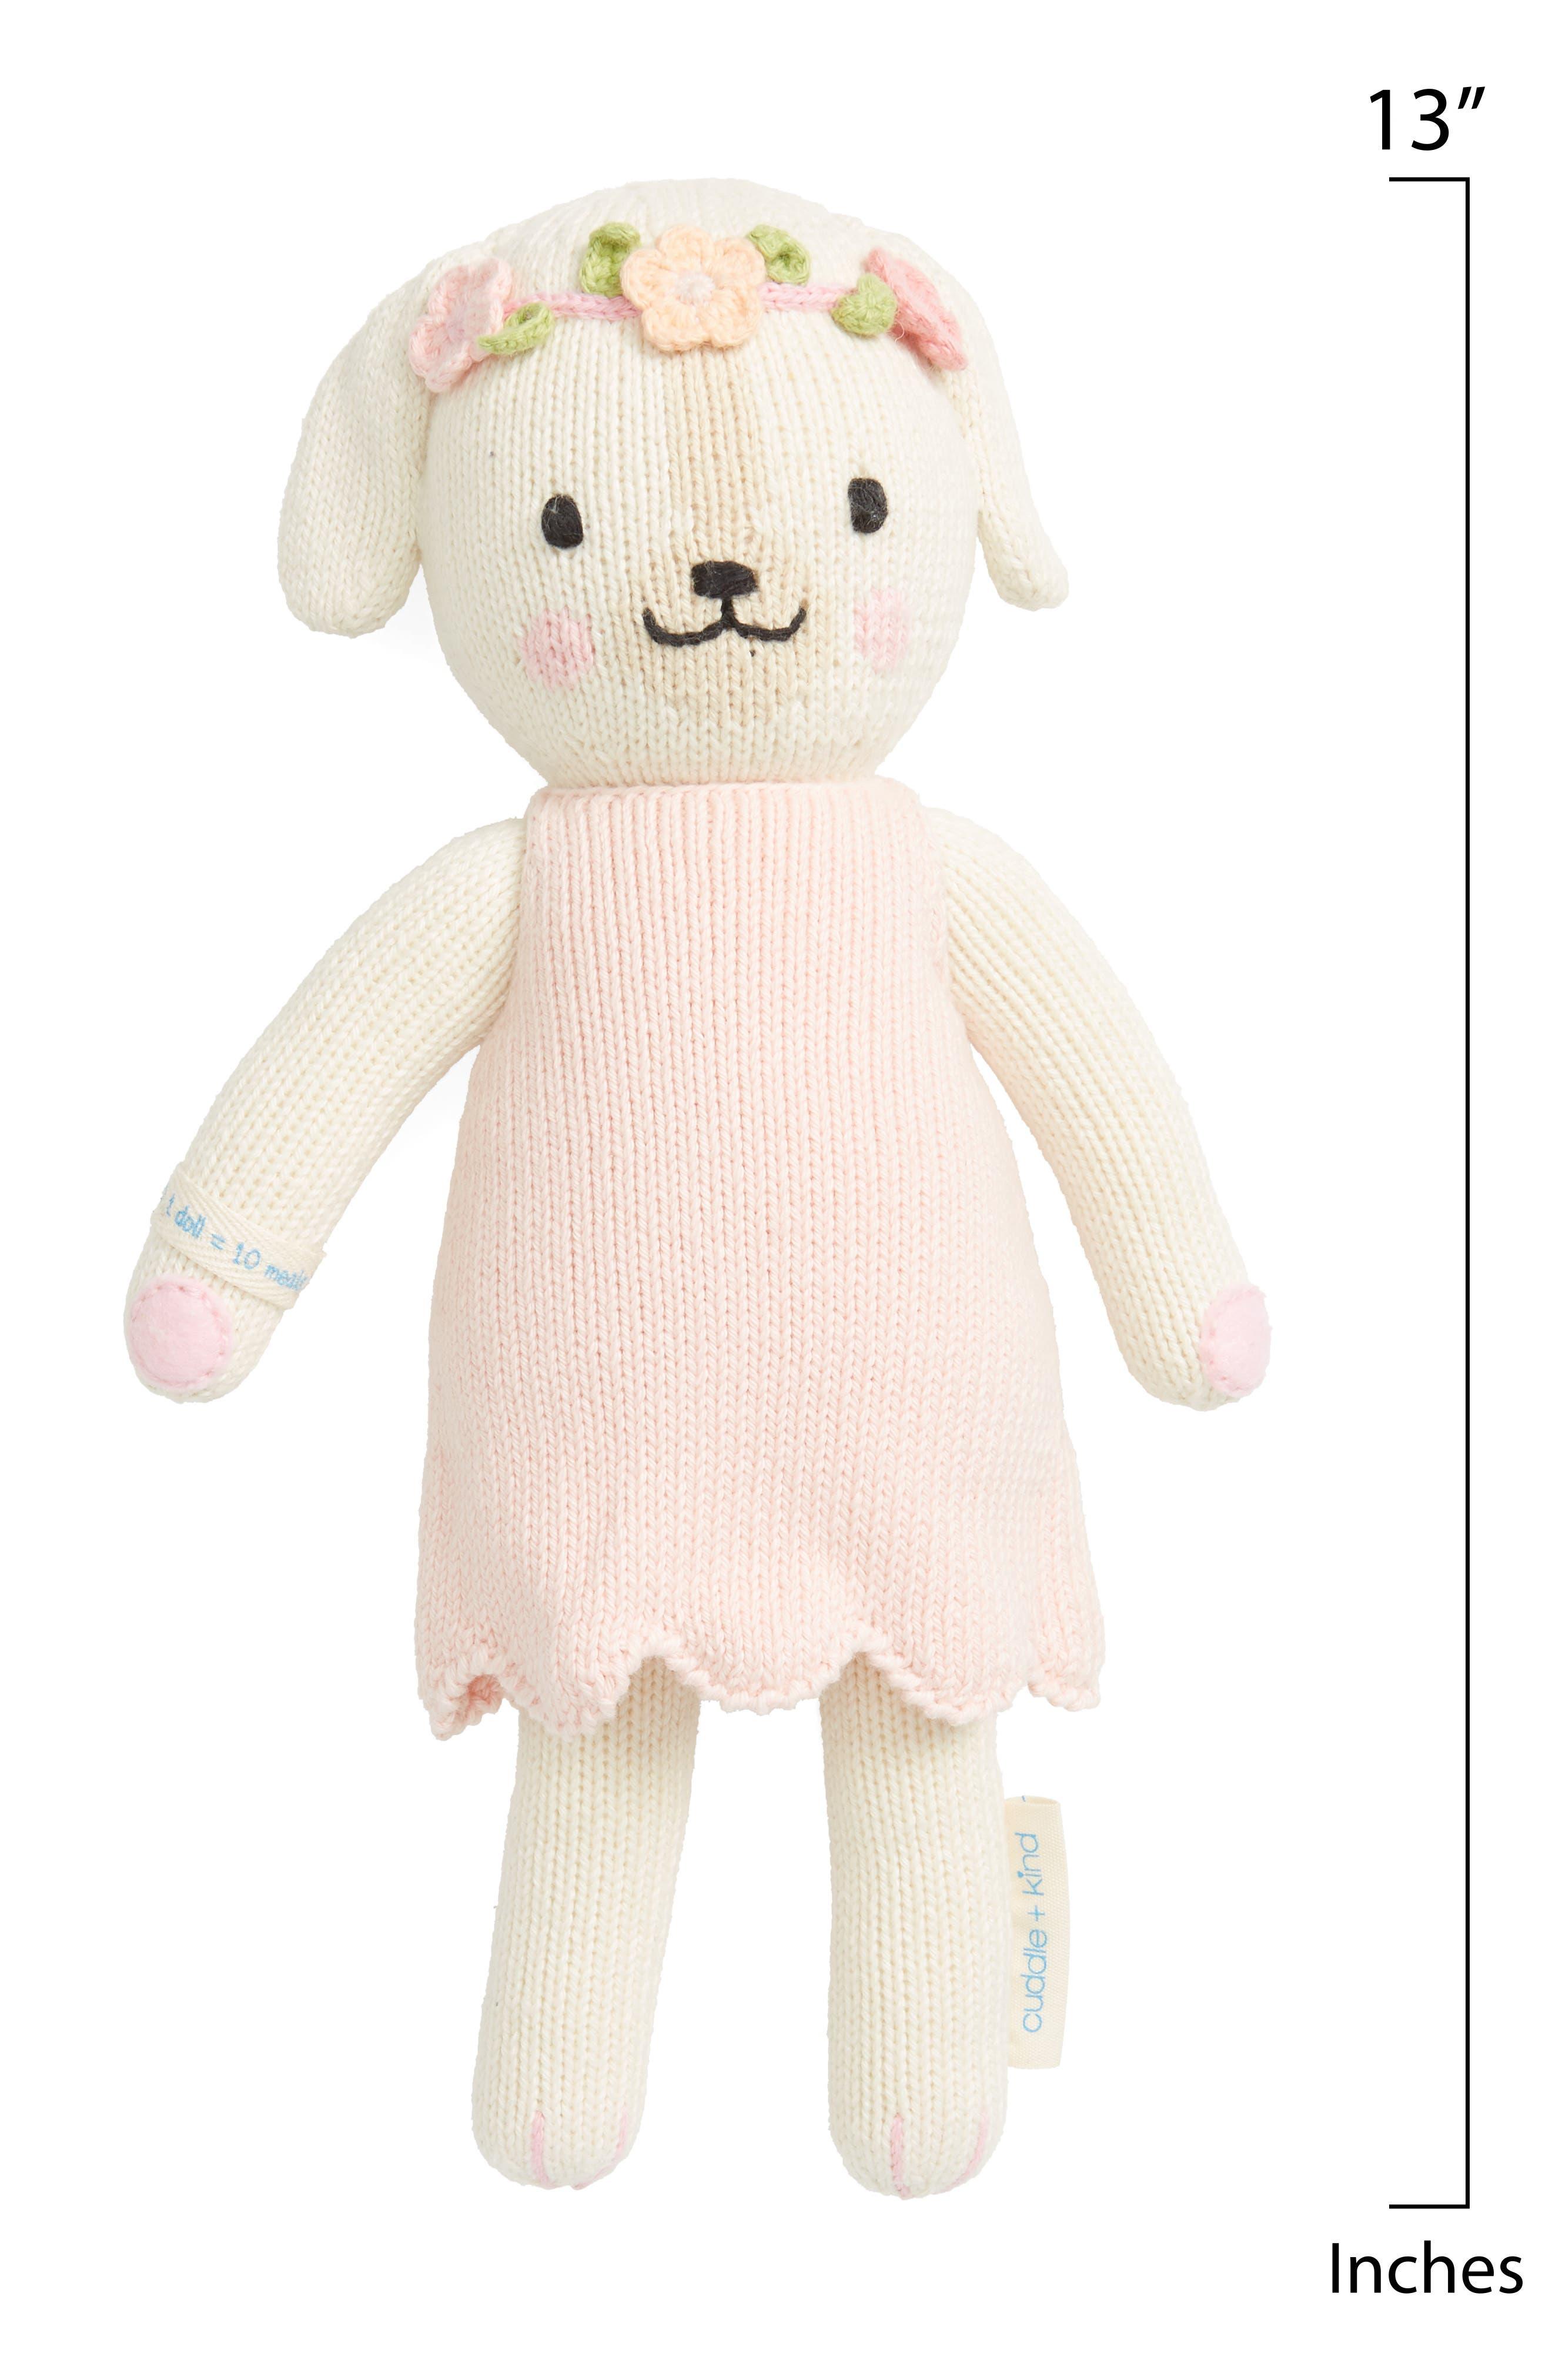 CUDDLE+KIND, cuddle + kind Dog Stuffed Animal, Alternate thumbnail 2, color, PINK